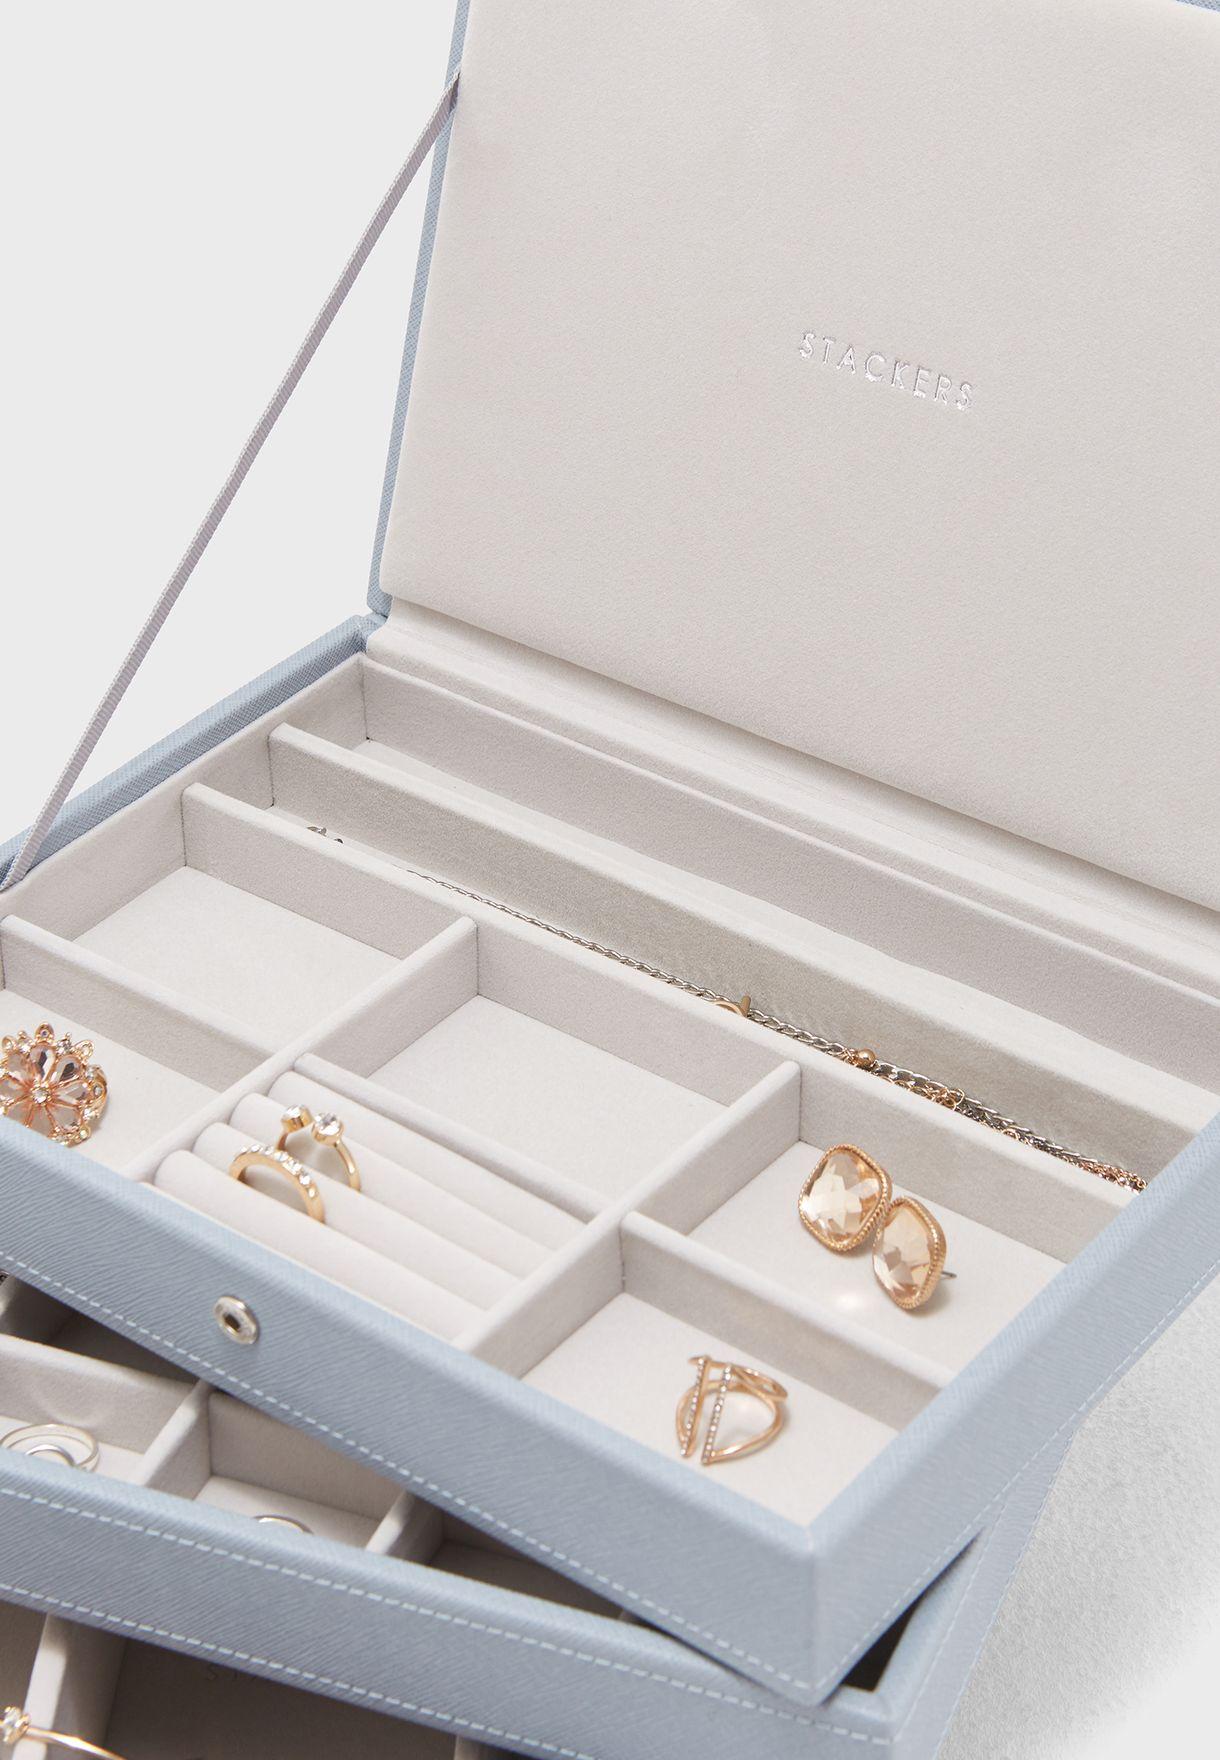 مجموعة كلاسيكية لحفظ المجوهرات